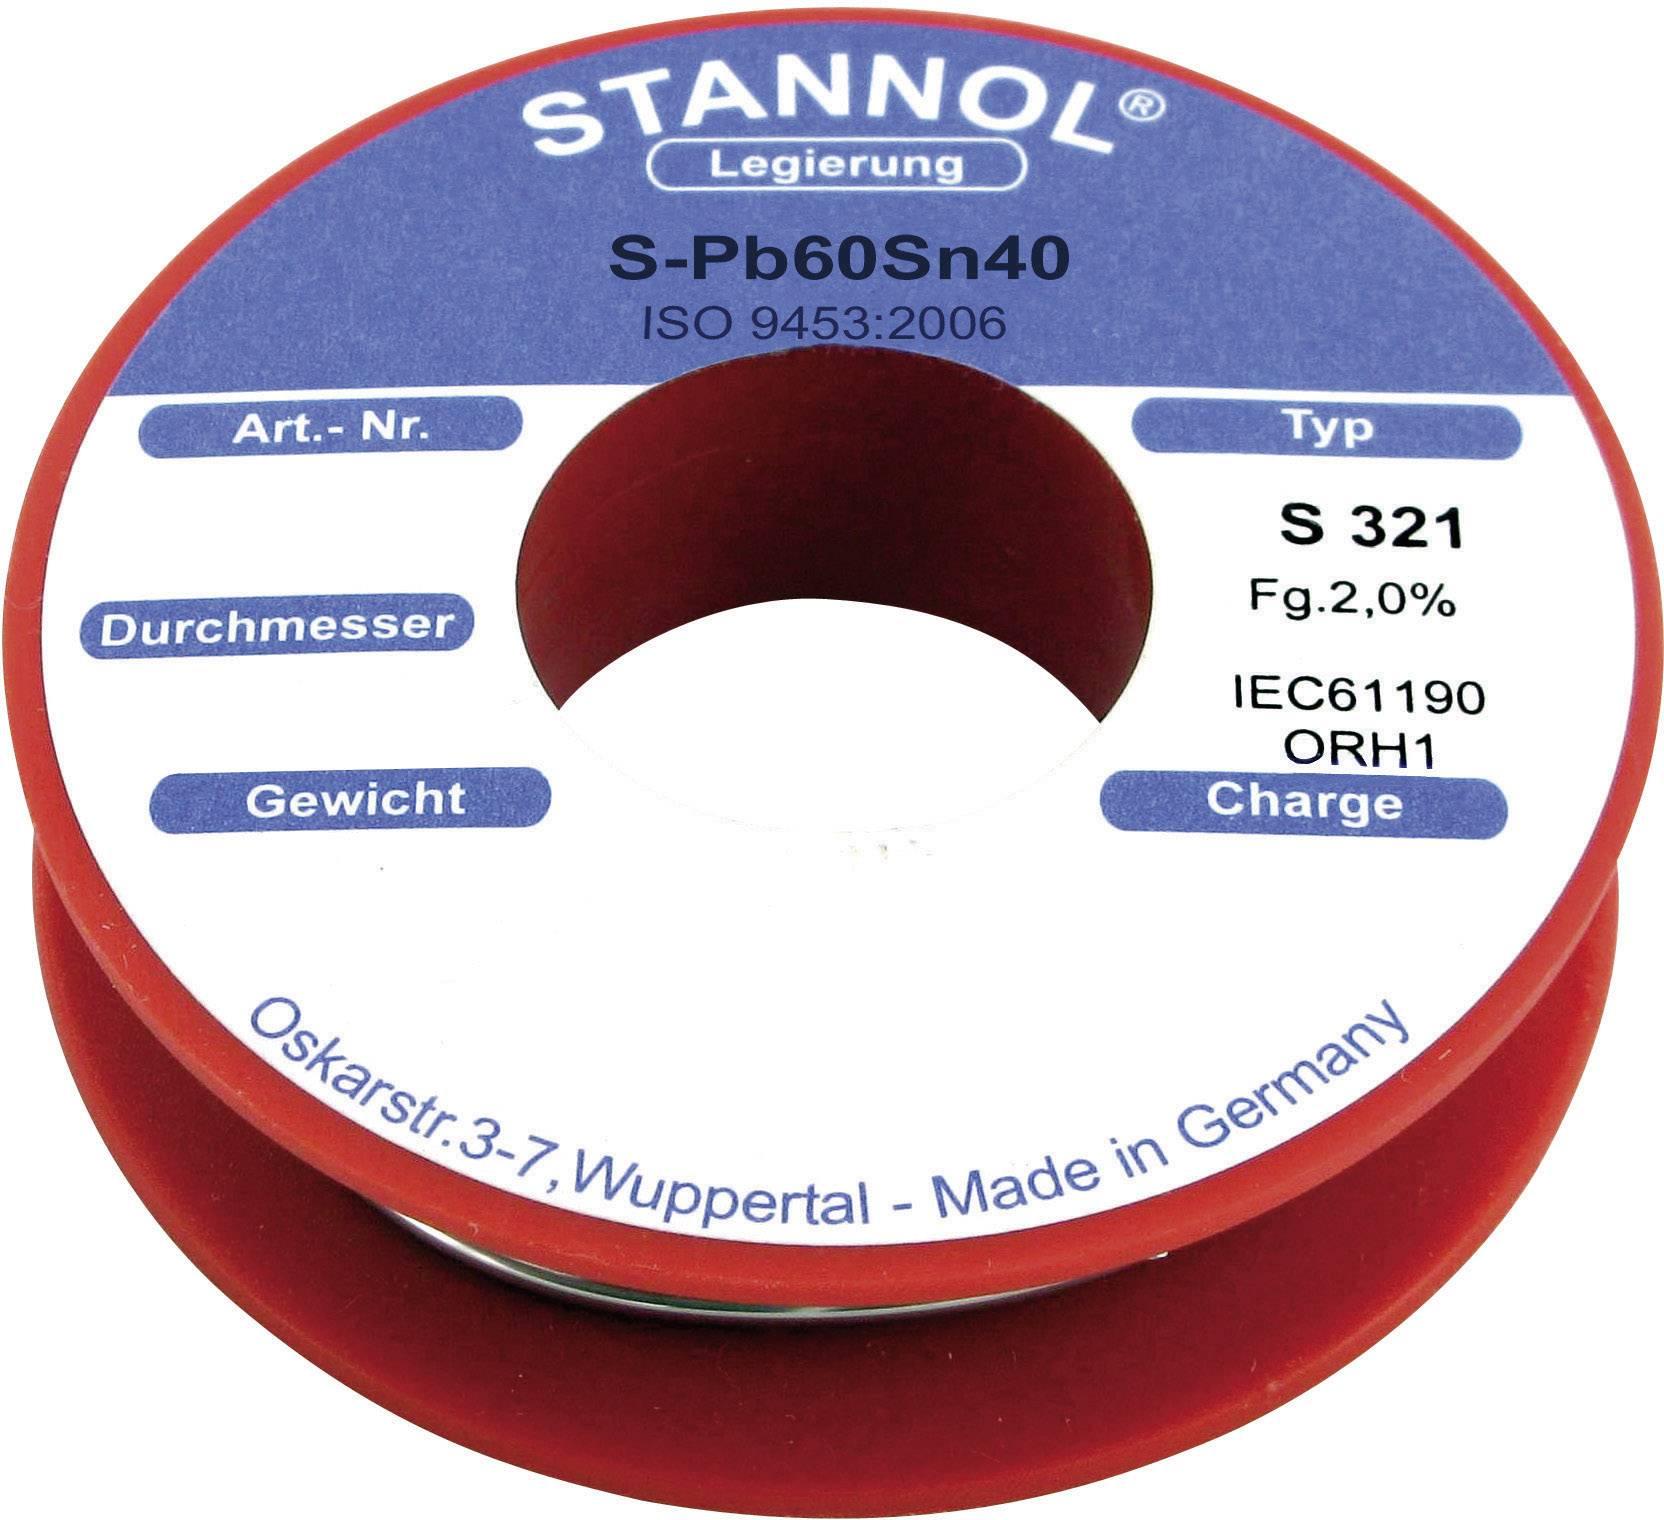 Cínová spájka, Pb60Sn40, Ø 1 mm, 250 g, Stannol S321